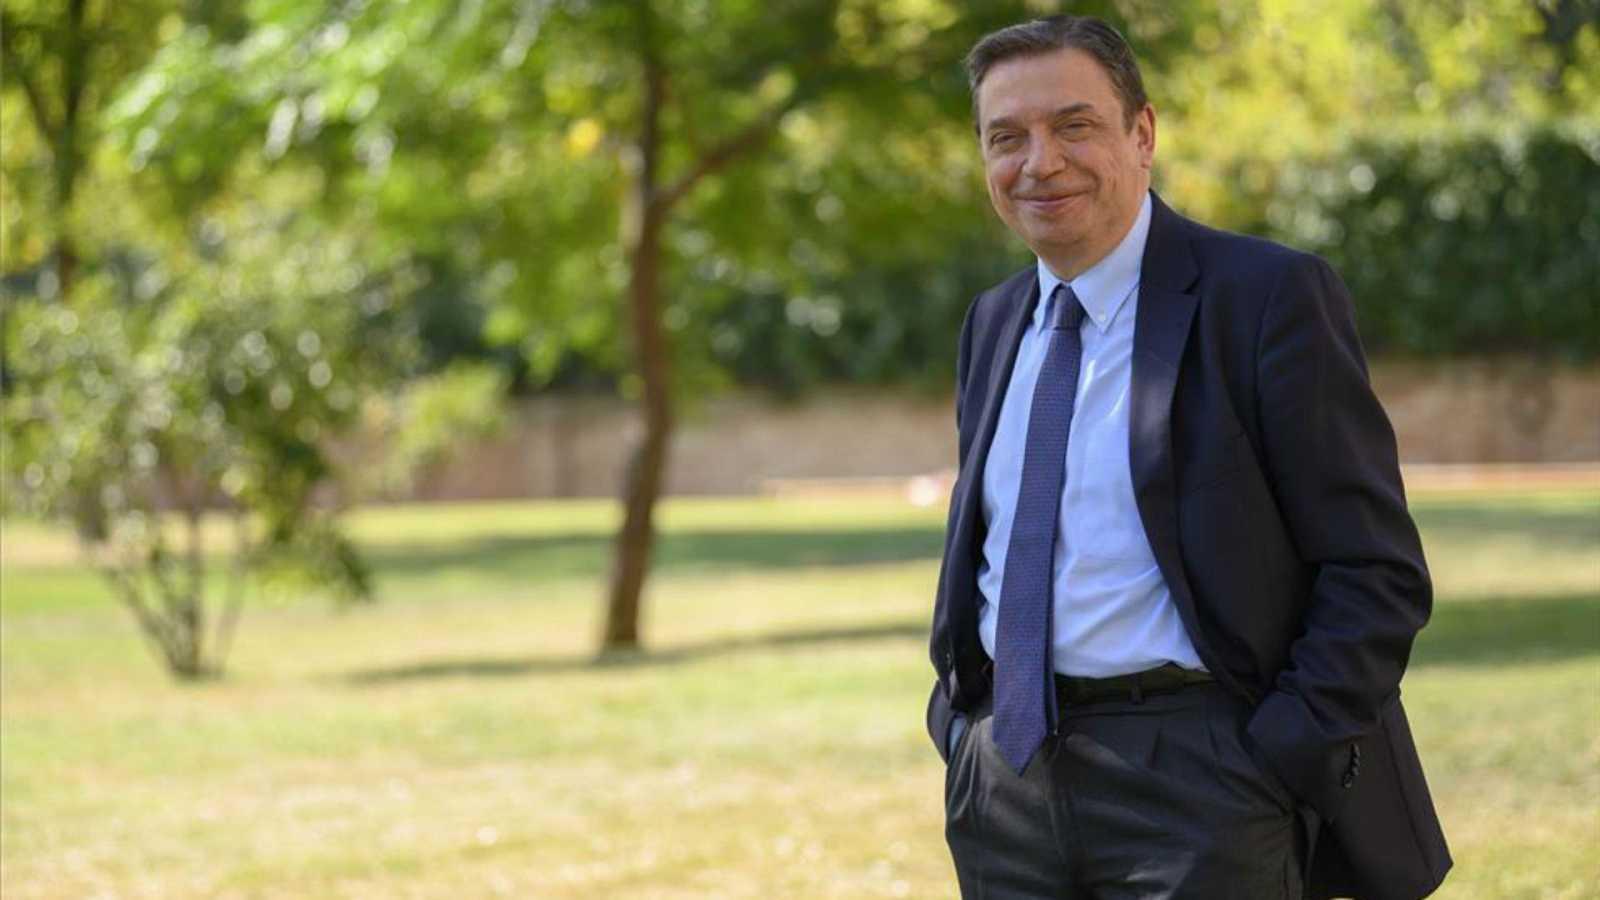 Agro 5 - Luis Planas repite y las OPAS reclaman soluciones - 11/01/20 - Escuchar ahora